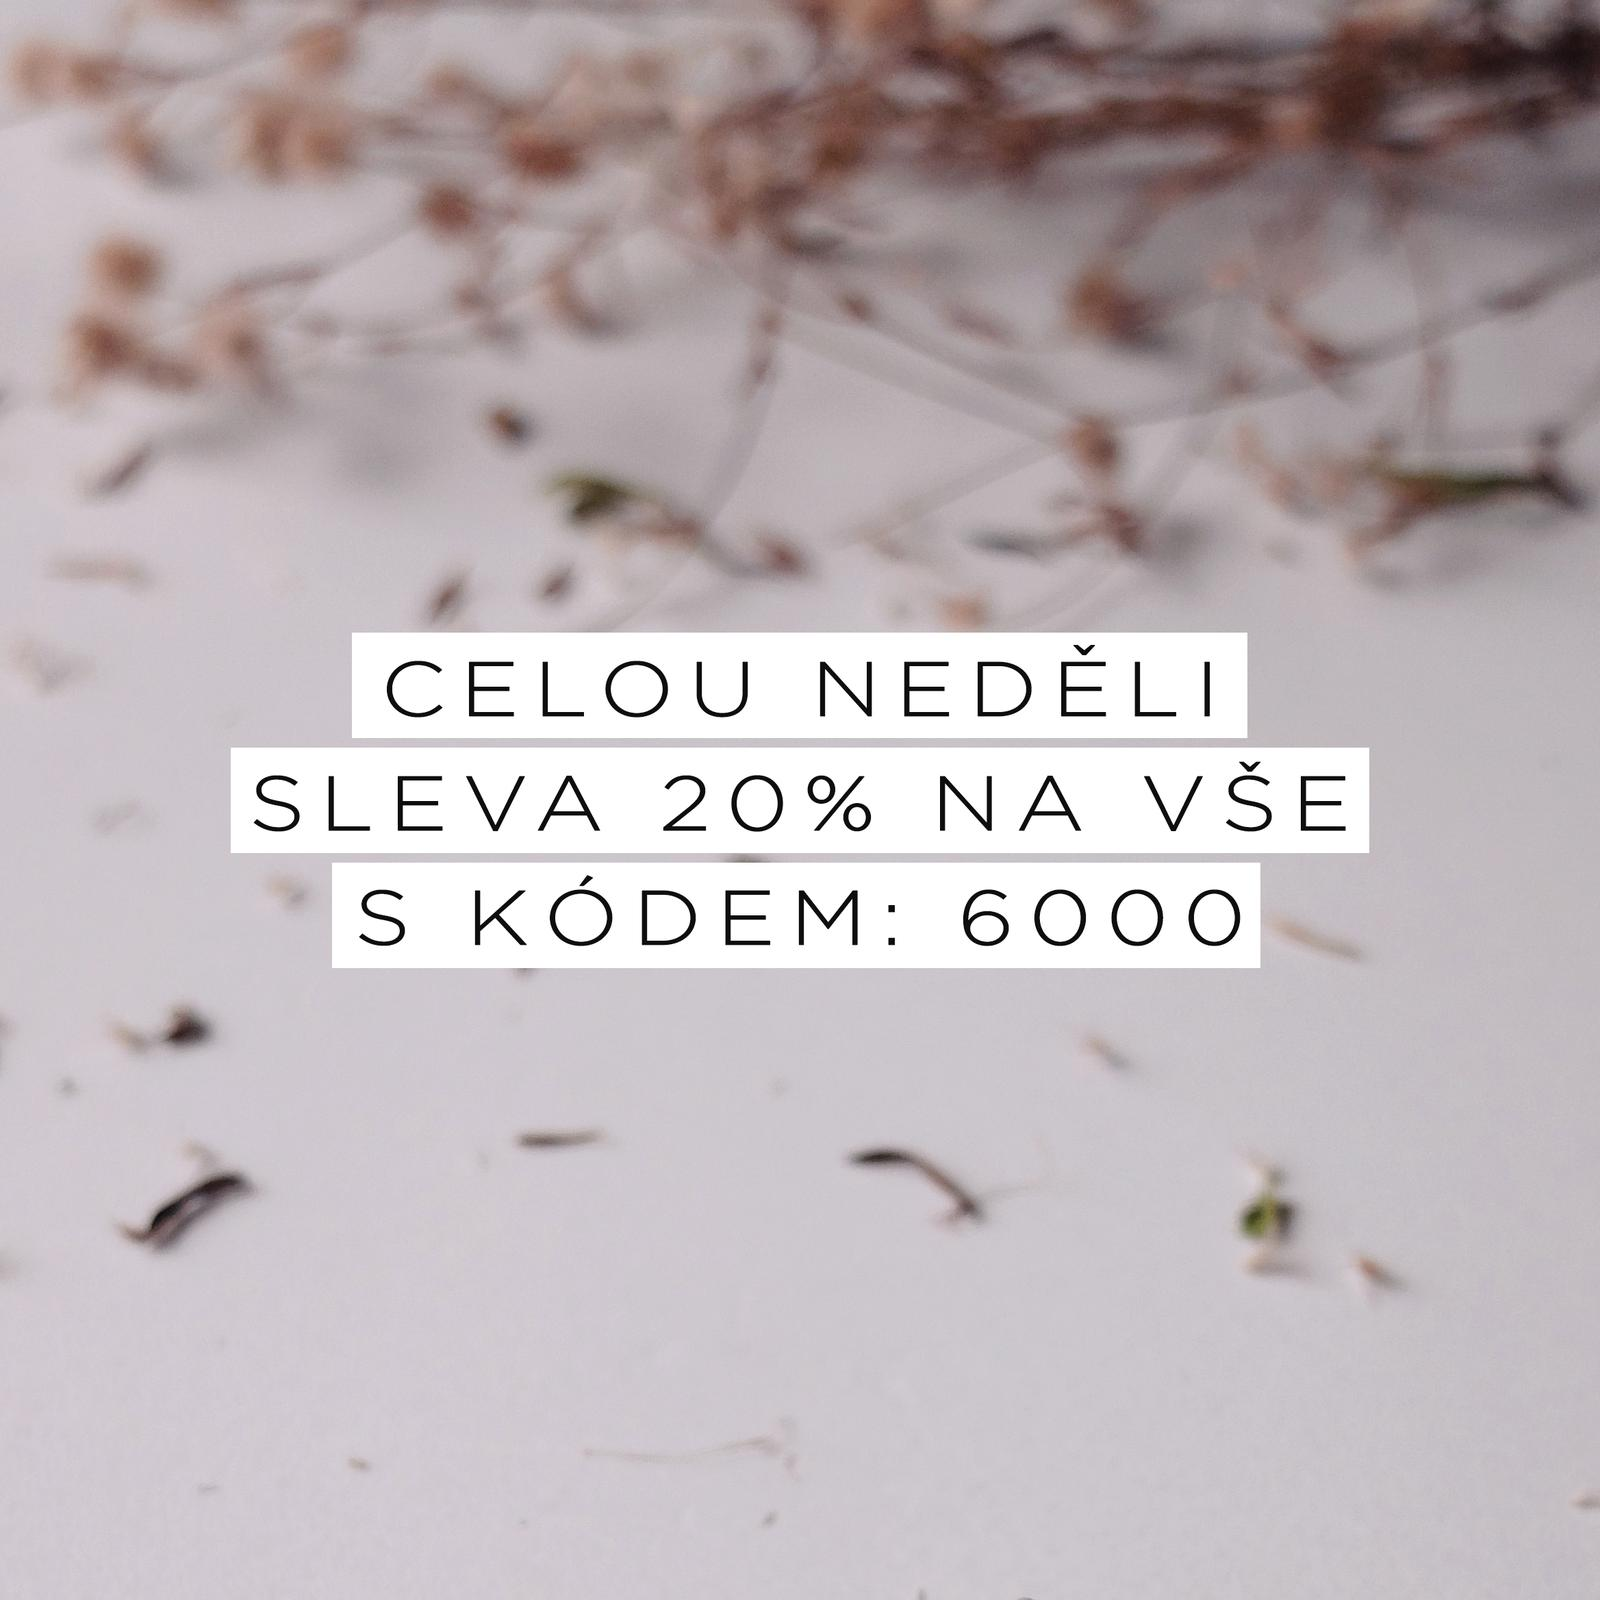 Informačně od design empathy - Dnes 20% sleva na vše -> desinempathy.cz